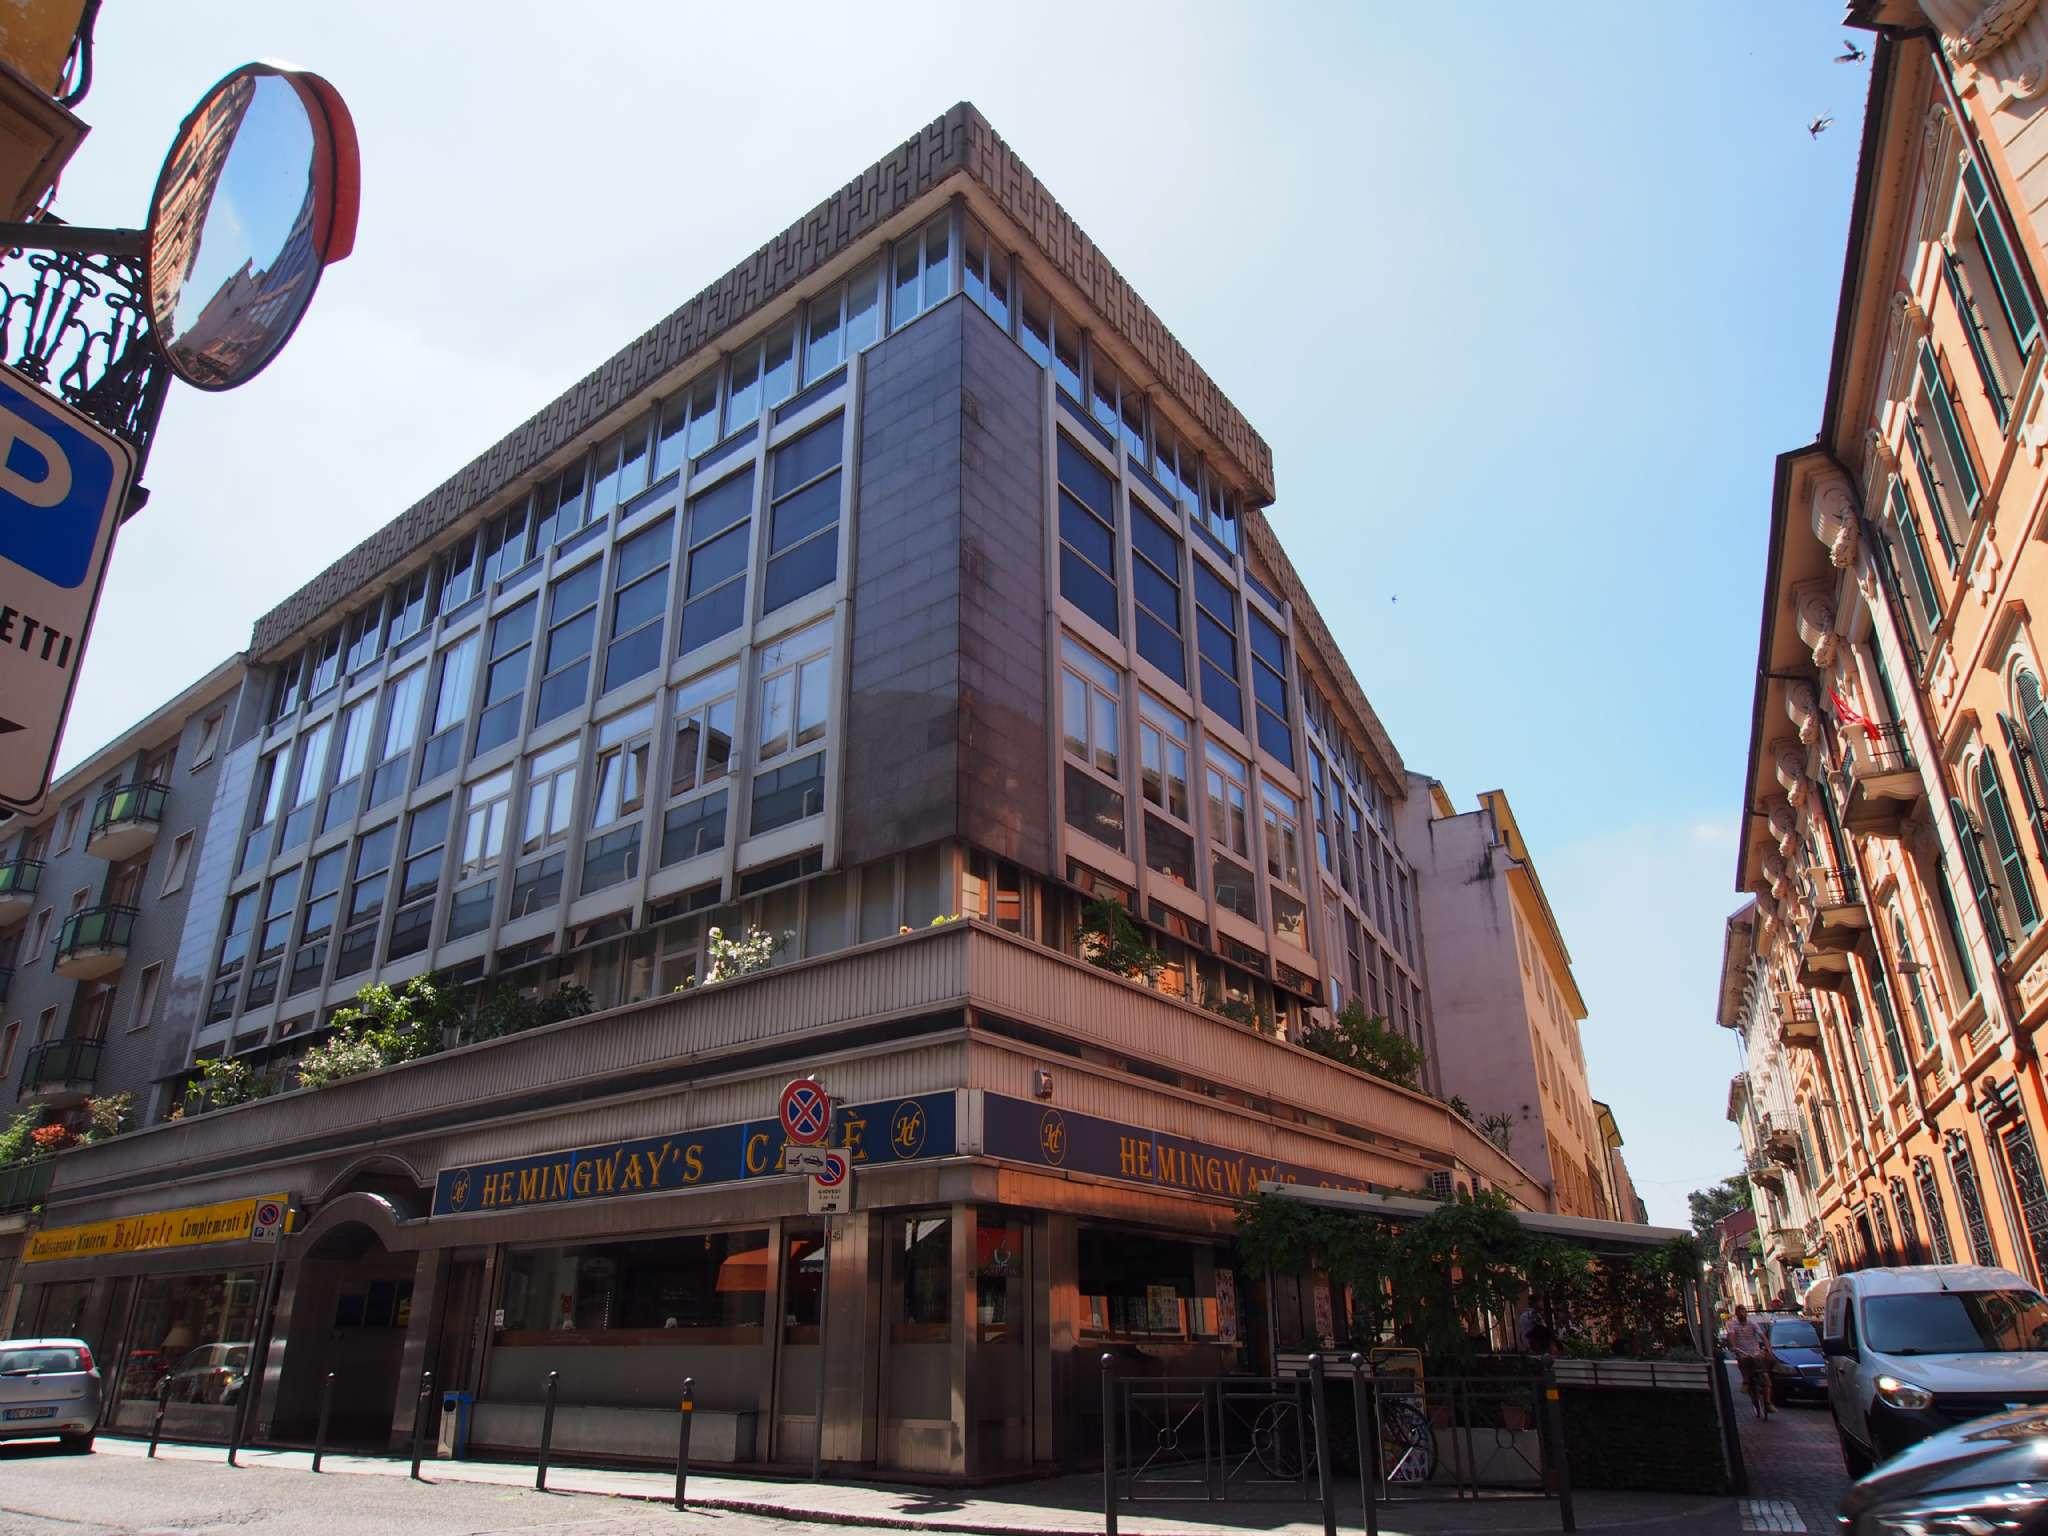 Ufficio / Studio in vendita a Alessandria, 4 locali, prezzo € 131.000 | PortaleAgenzieImmobiliari.it